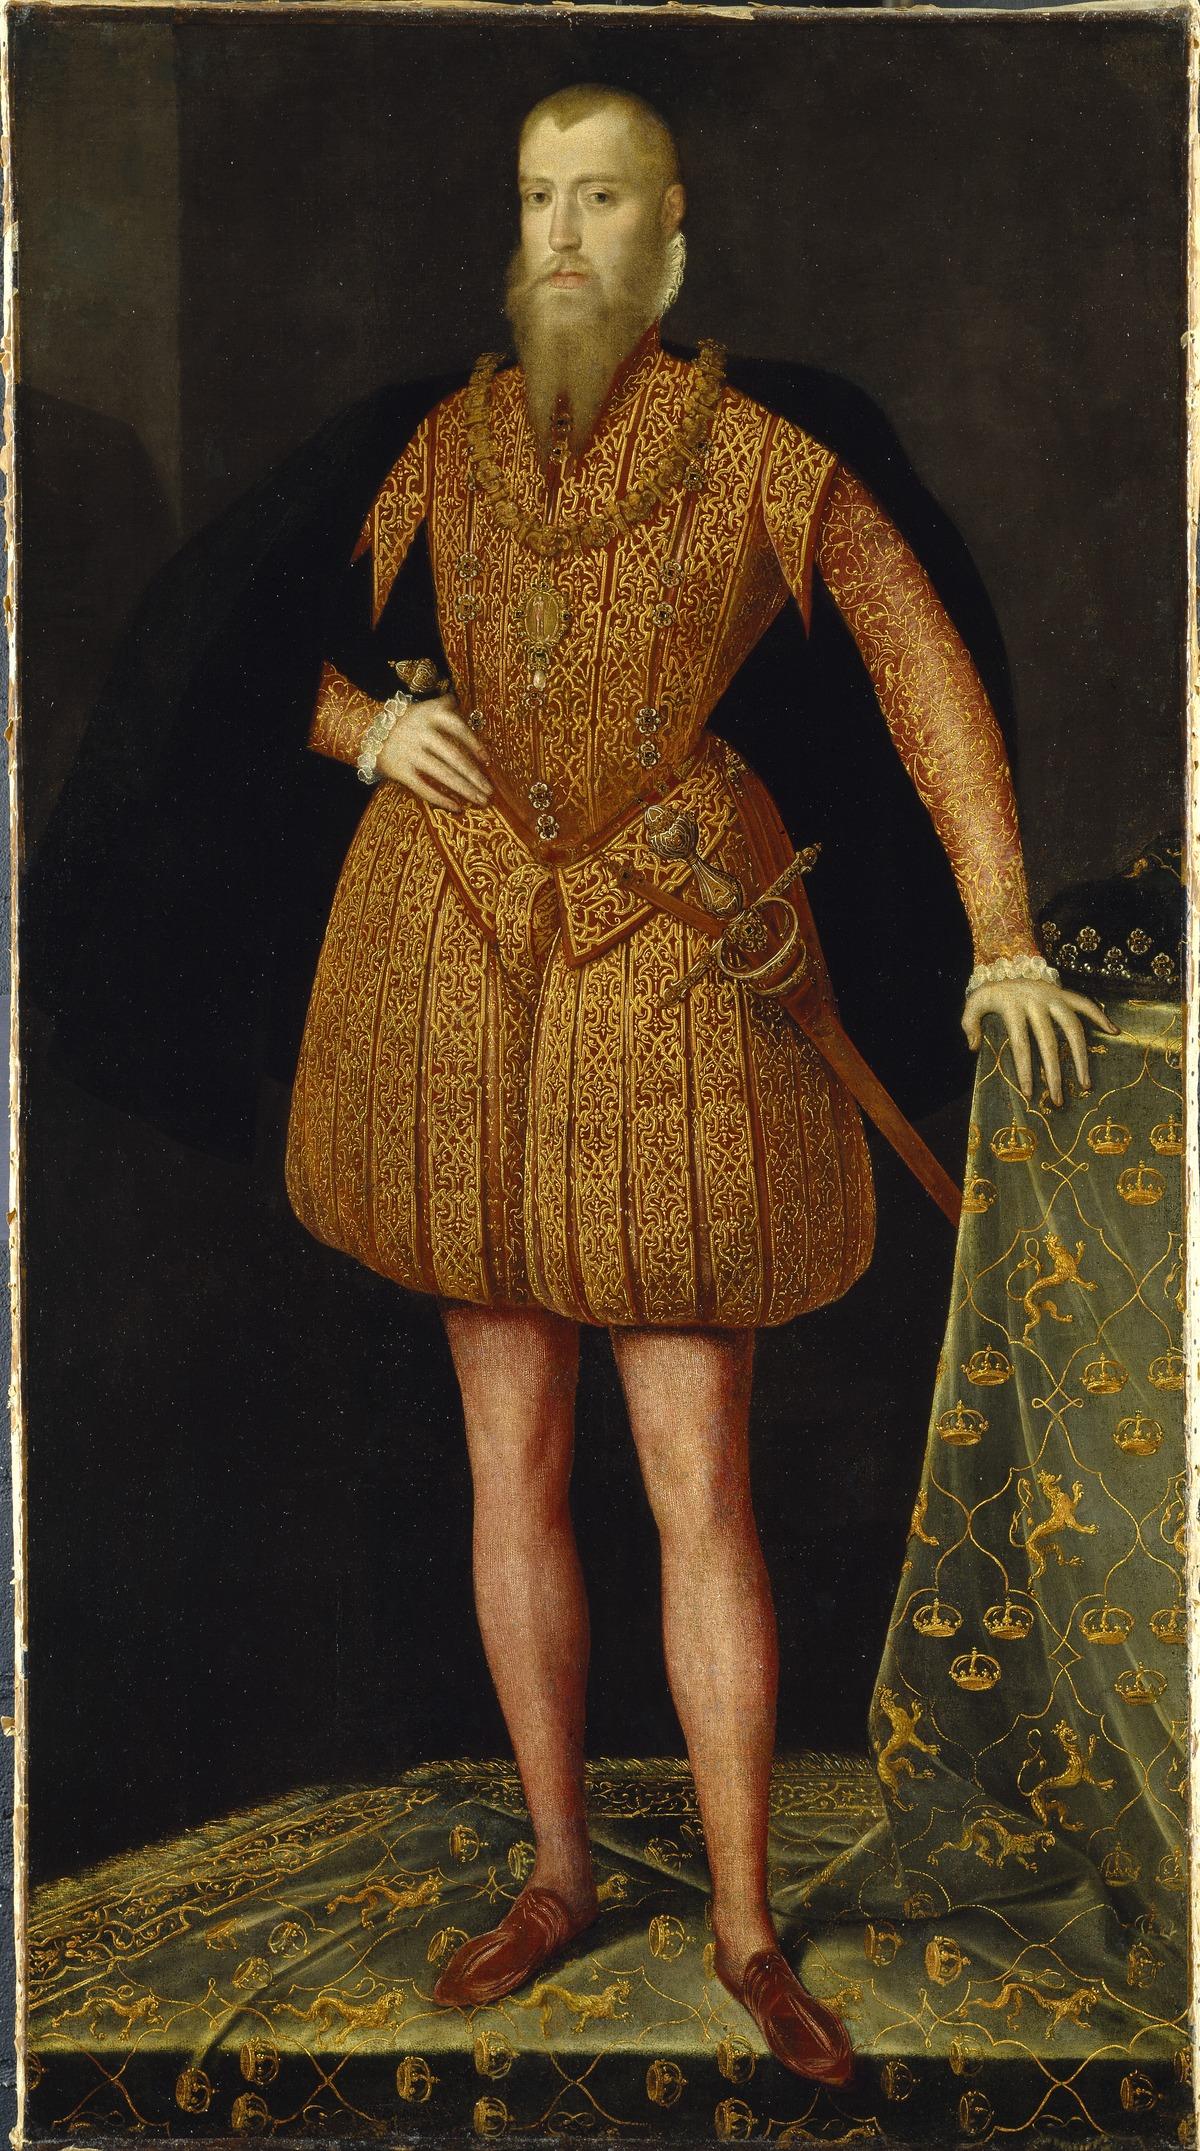 Varldens yngste regerande kung kront 3